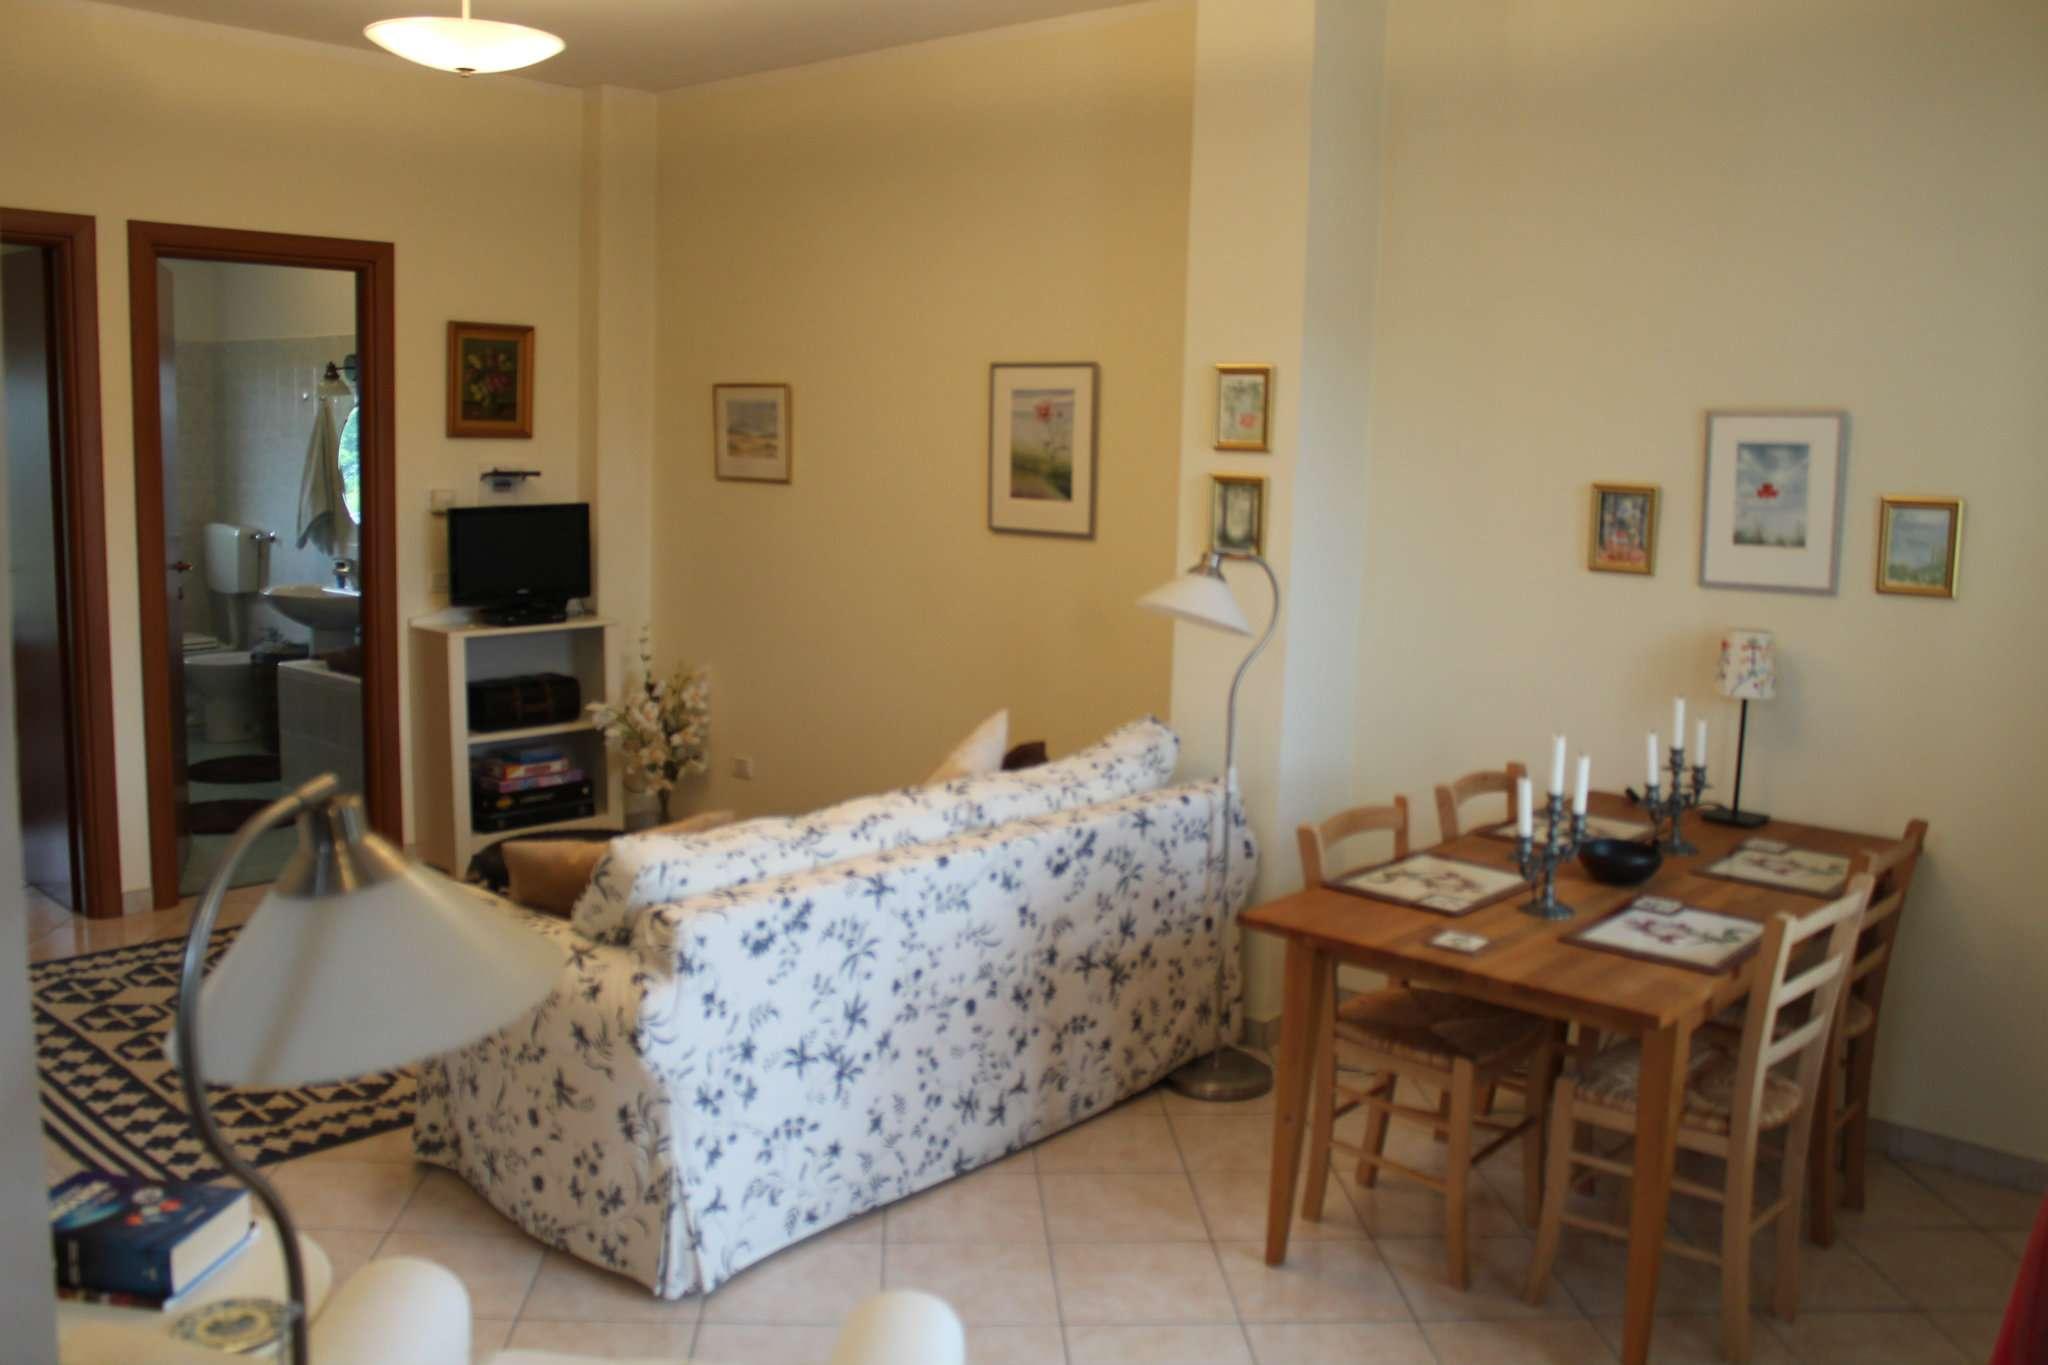 Appartamento in vendita a Niella Tanaro, 3 locali, prezzo € 58.000 | CambioCasa.it